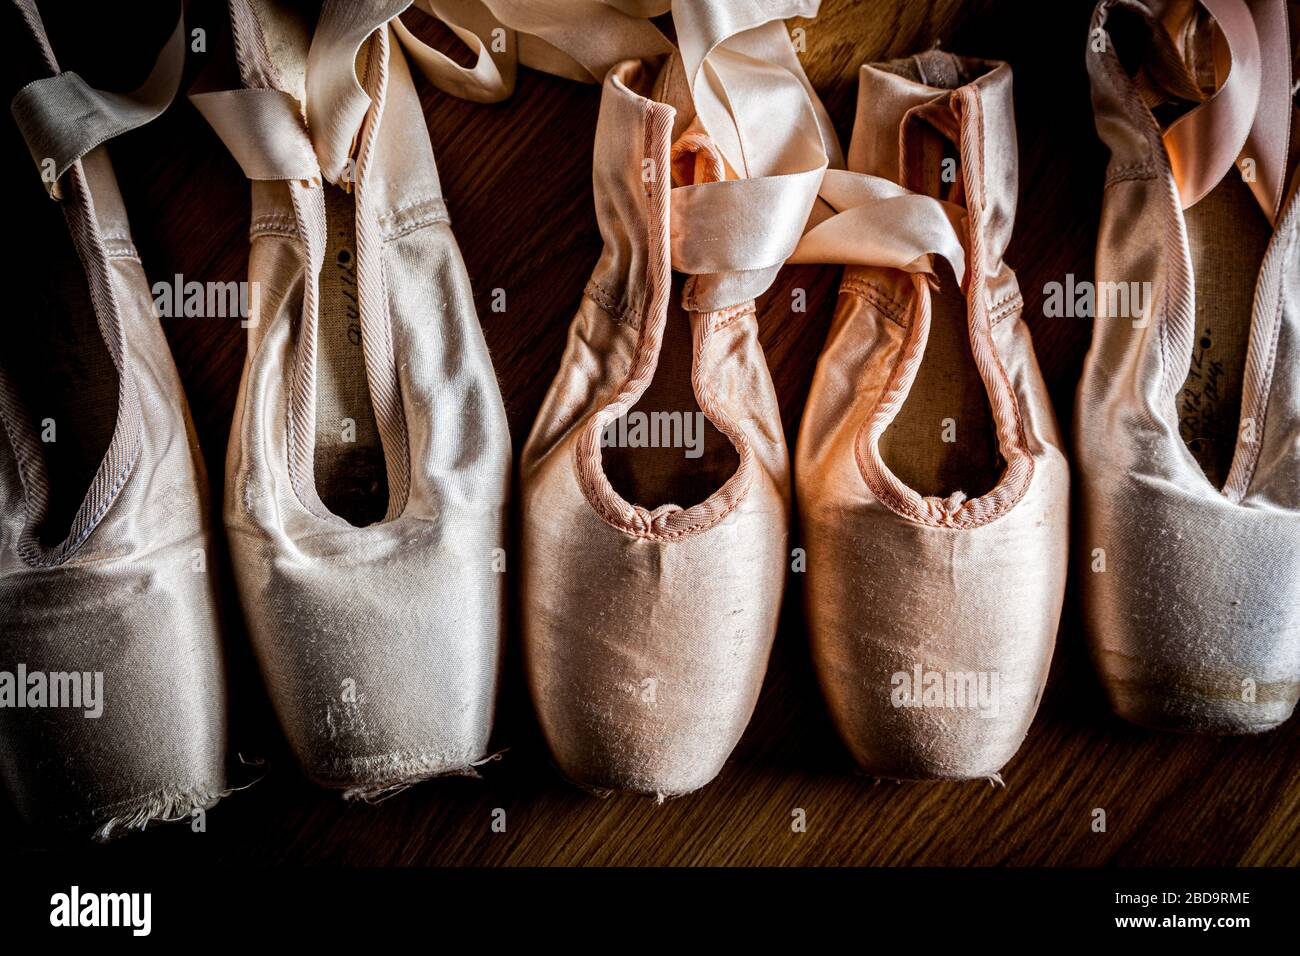 Un groupe de chaussures de ballerines ou de chaussures pointe d'occasion Banque D'Images